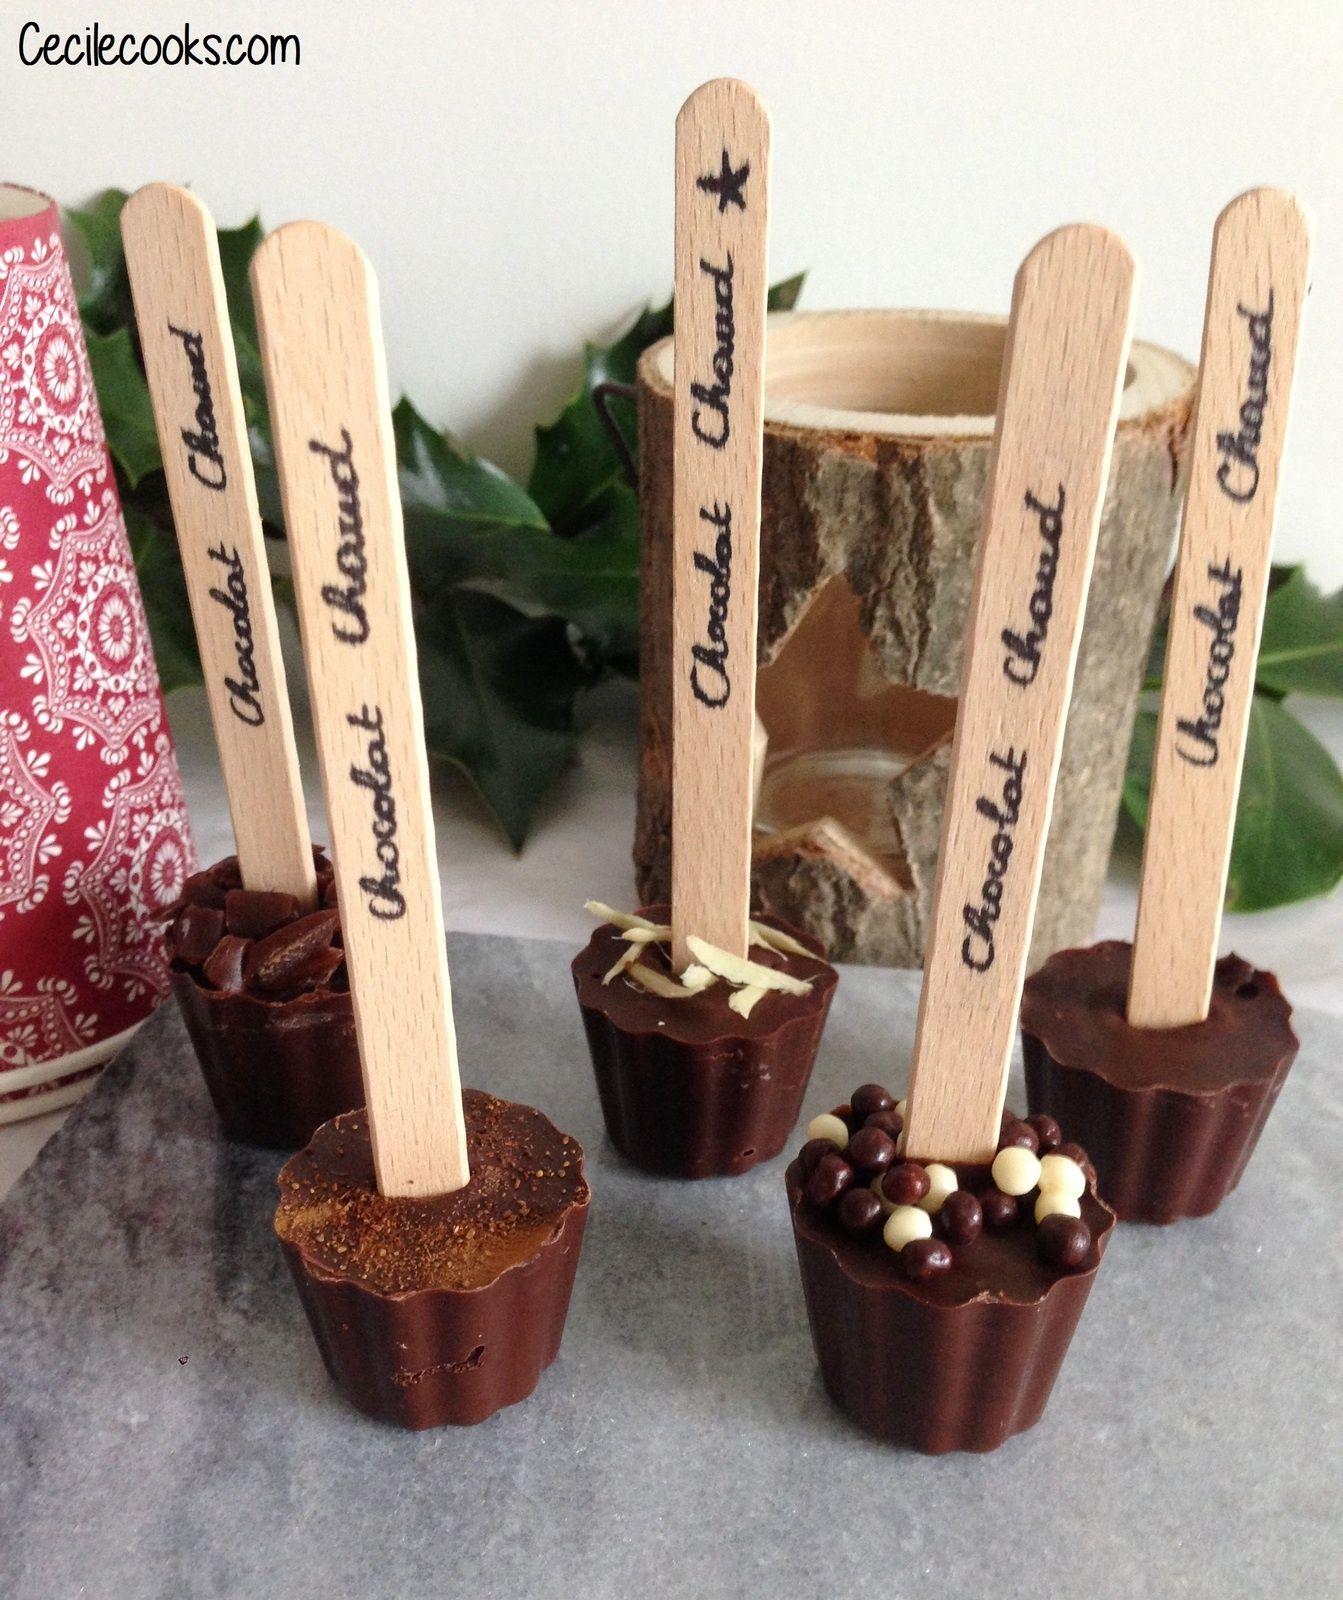 Calendrier De L Avent 11 Sucettes A Chocolat Chaud Sucette Chocolat Chocolat Chaud Recette Noel A Offrir